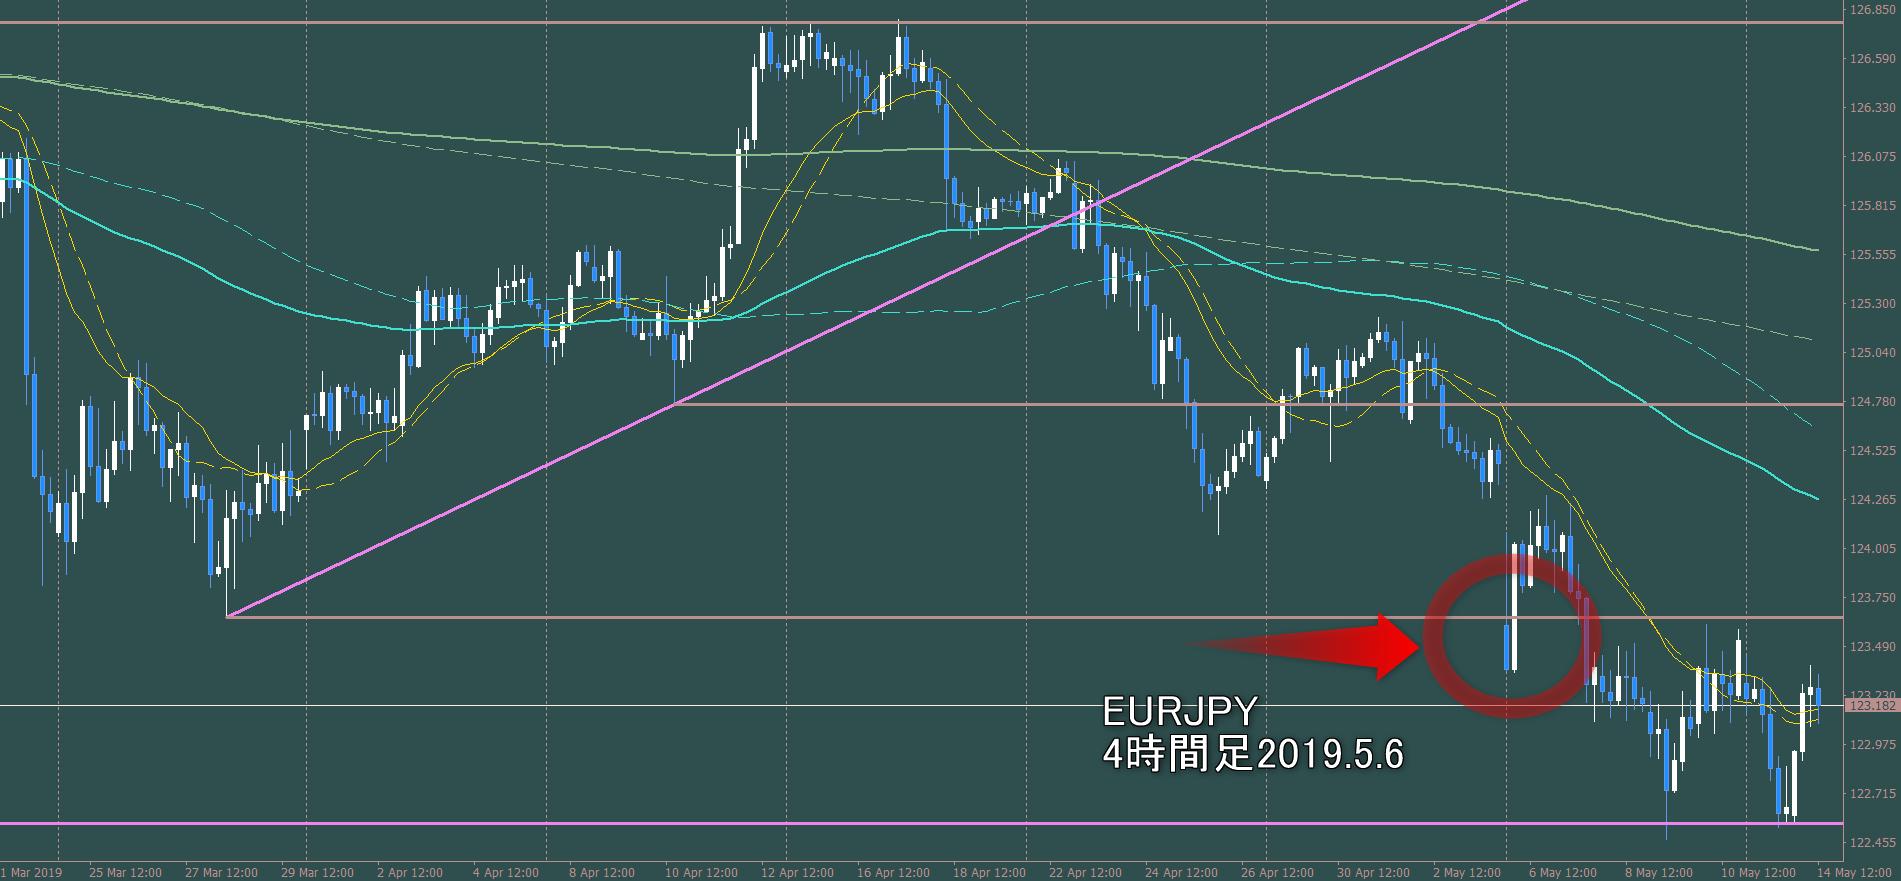 EURJPY ギャップダウン 親波の安値をしっかり抜ける